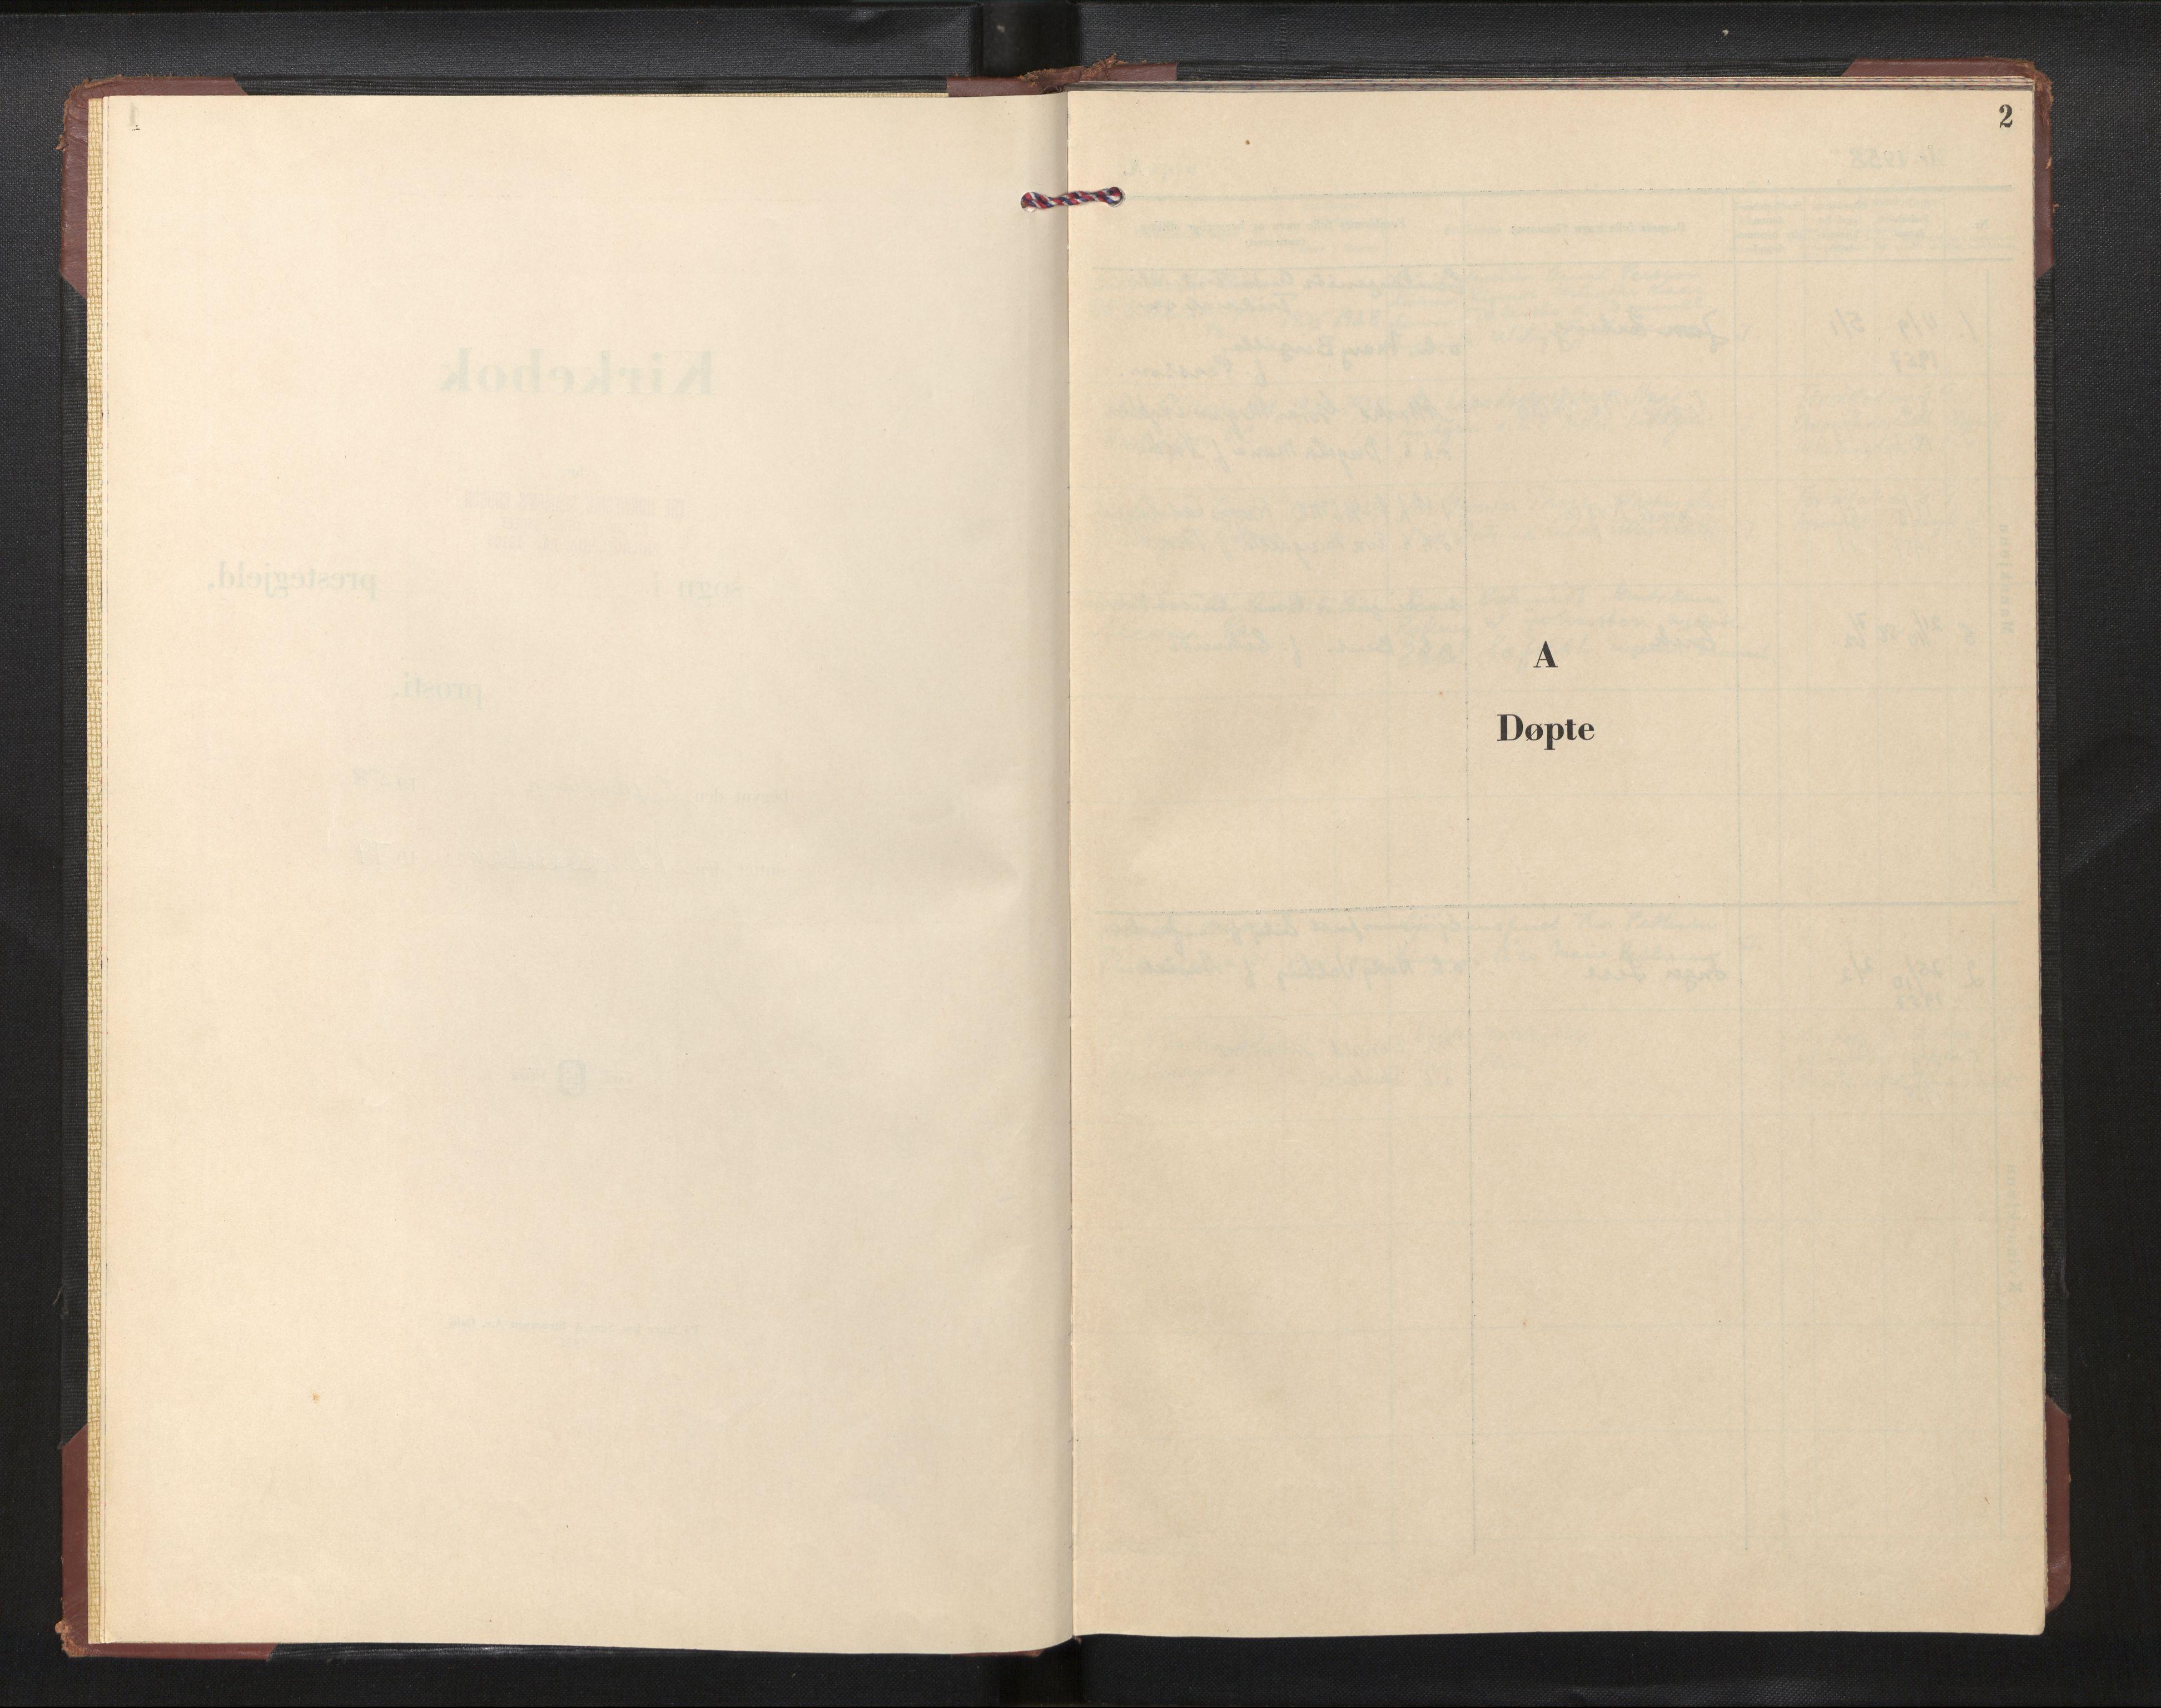 SAB, Privatarkiv 113 - Den norske sjømannsmisjon i utlandet/Philadelphia, H/Ha/L0003: Ministerialbok nr. A 3, 1958-1979, s. 1b-2a